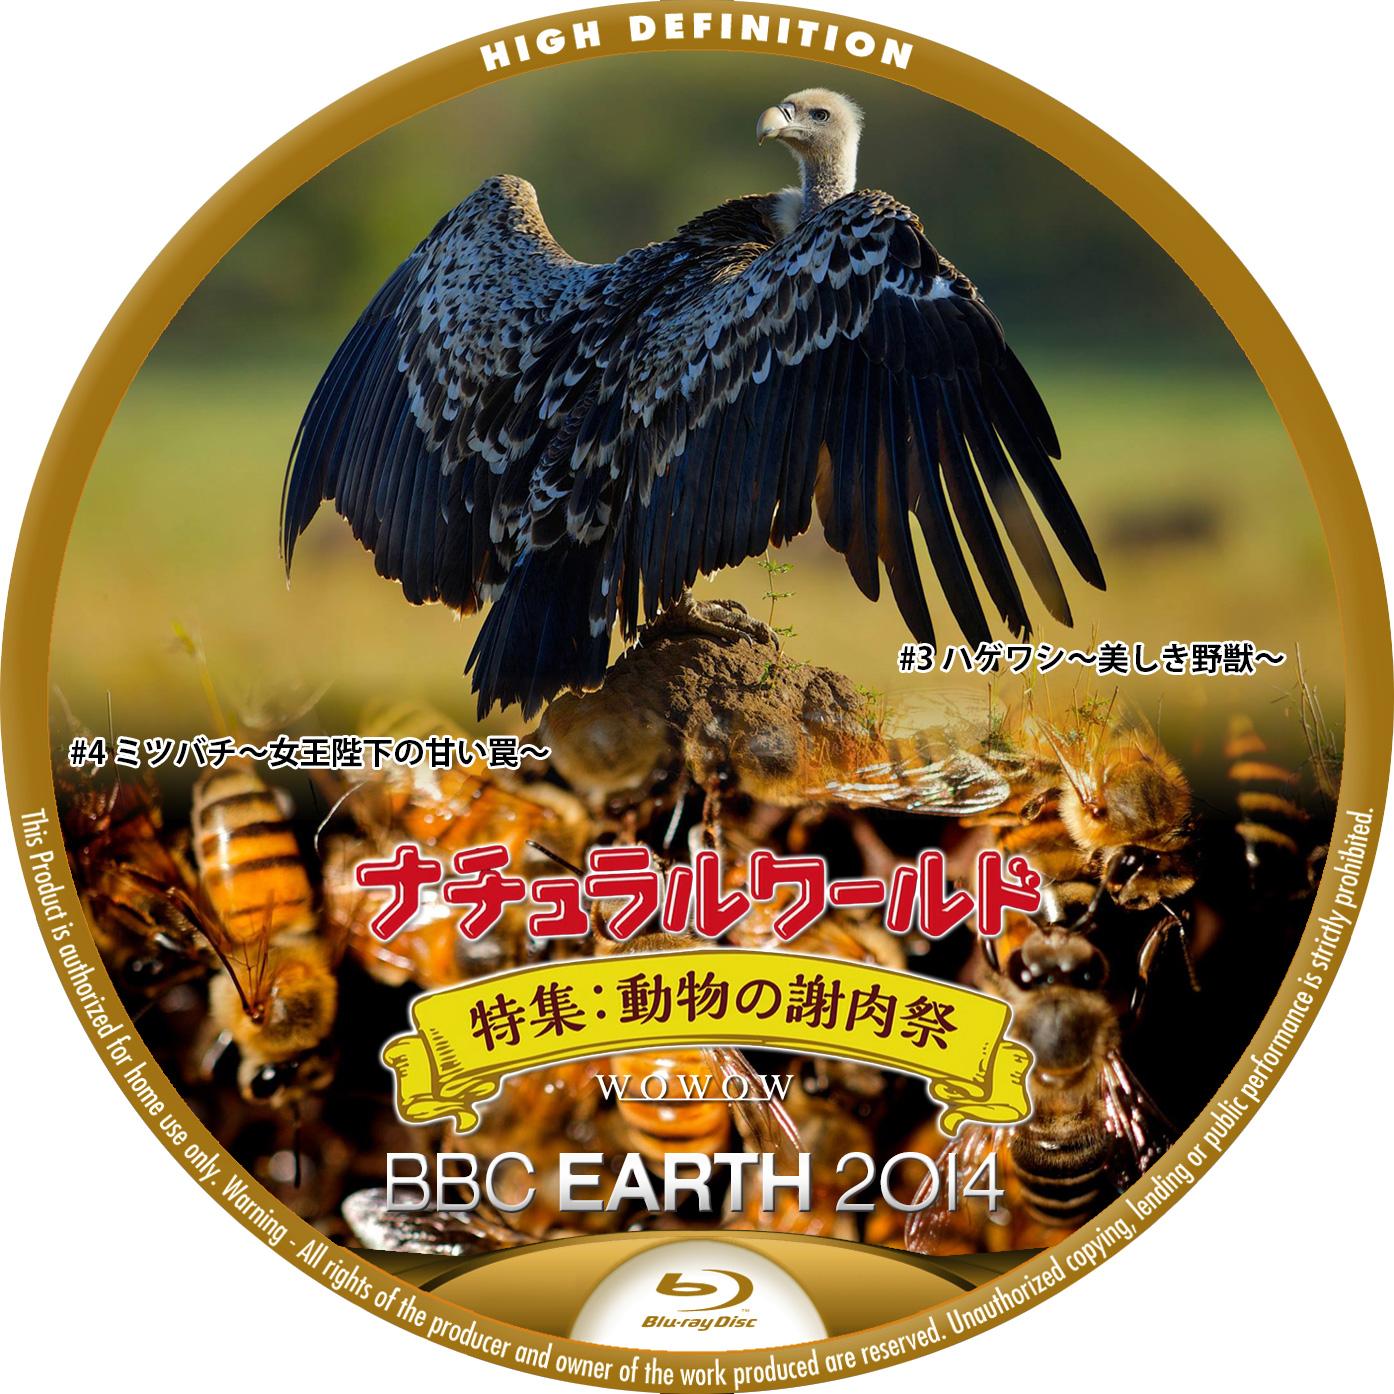 BBC EARTH 2014 WOWOW ミツバチ ハゲワシ BDラベル ナチュラルワールド